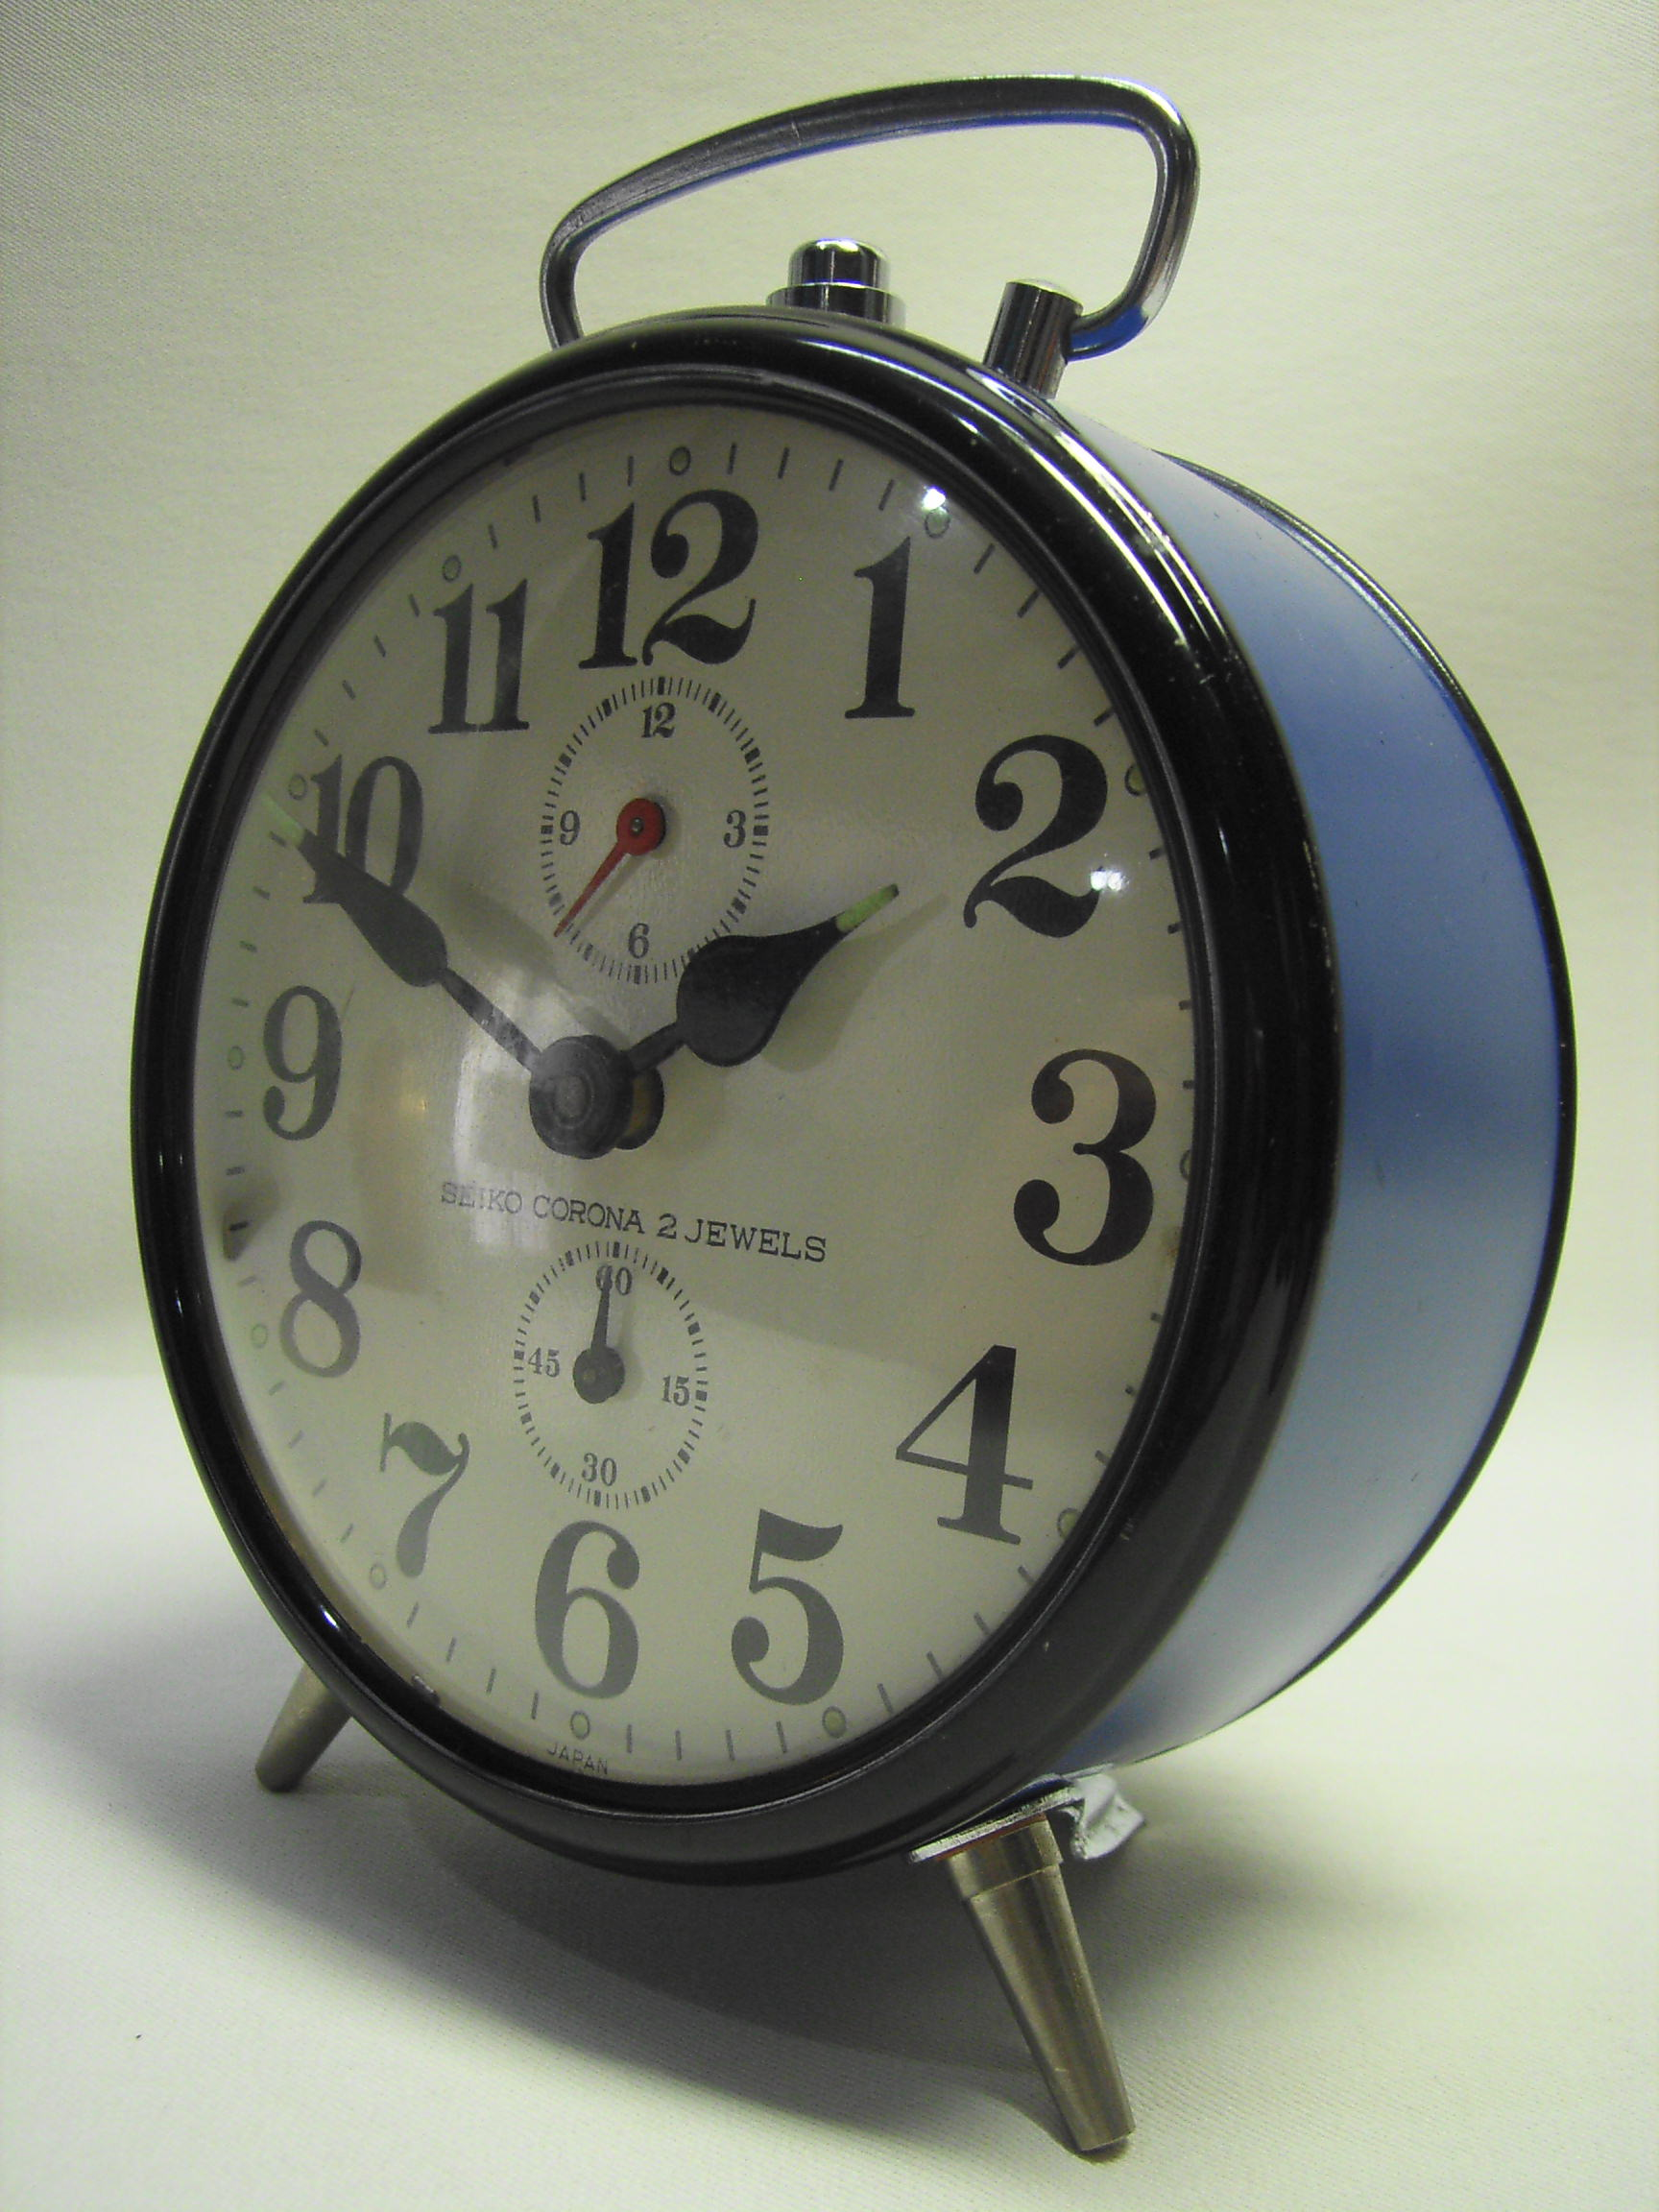 かわいい!セイコー JAPAN 目覚まし時計(青色) SEIKO CORONA 動作確認済み 現状 手巻き【TO2266】